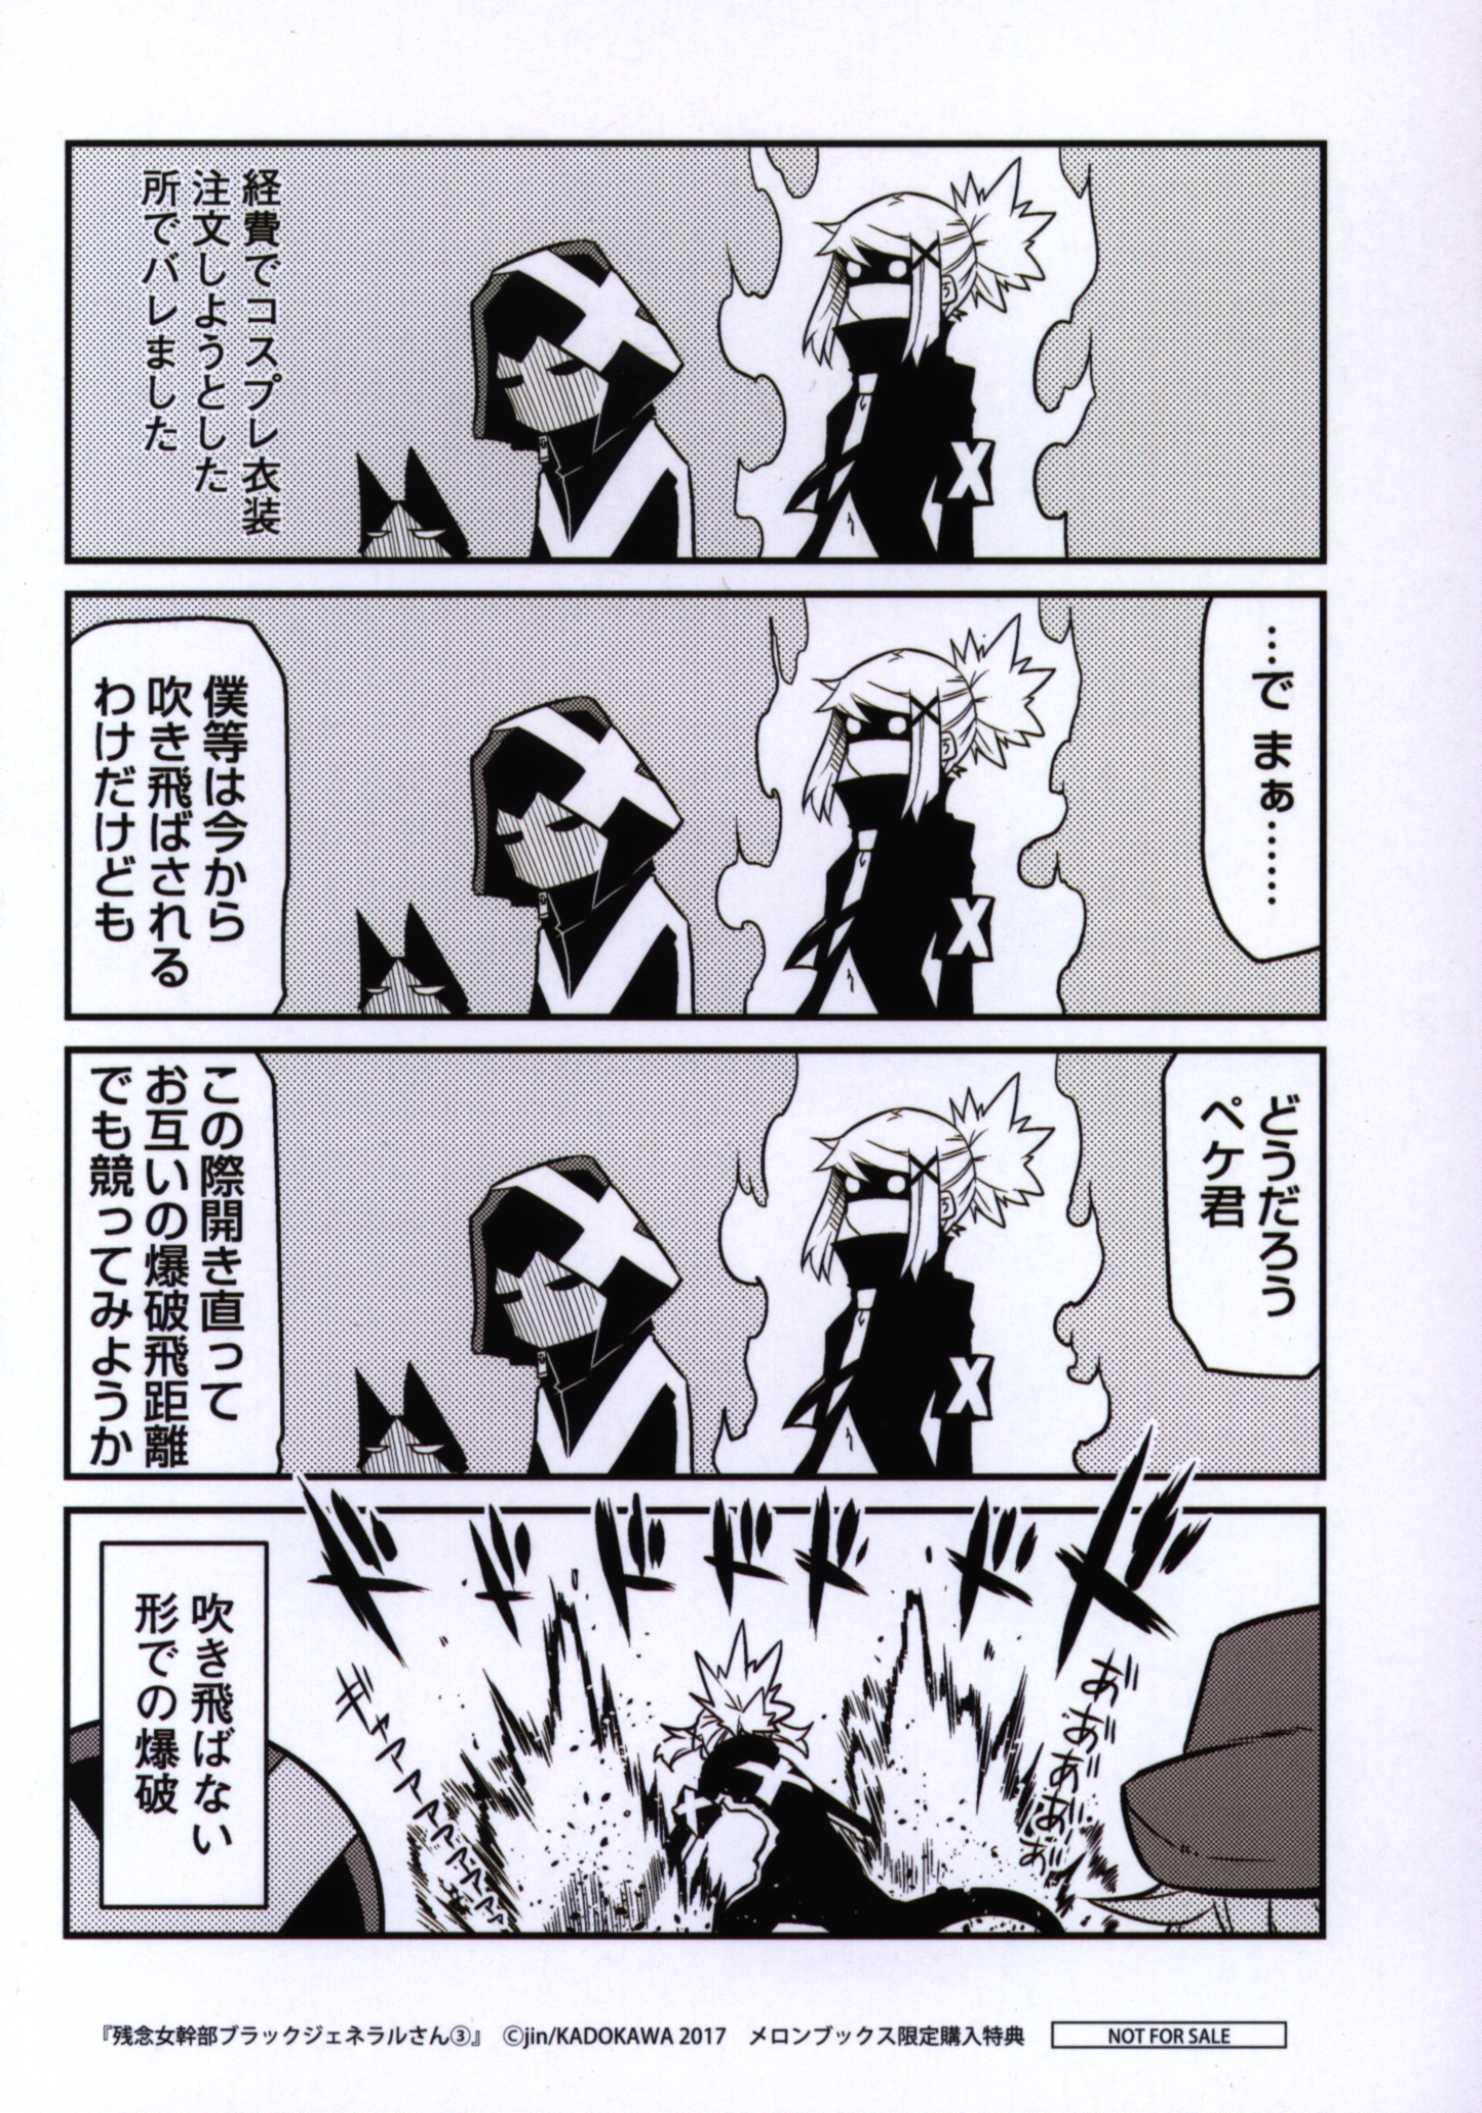 さん ブラック ジェネラル 漫画「残念女幹部ブラックジェネラルさん」4巻ネタバレ!ギャグからストーリー路線へ!?